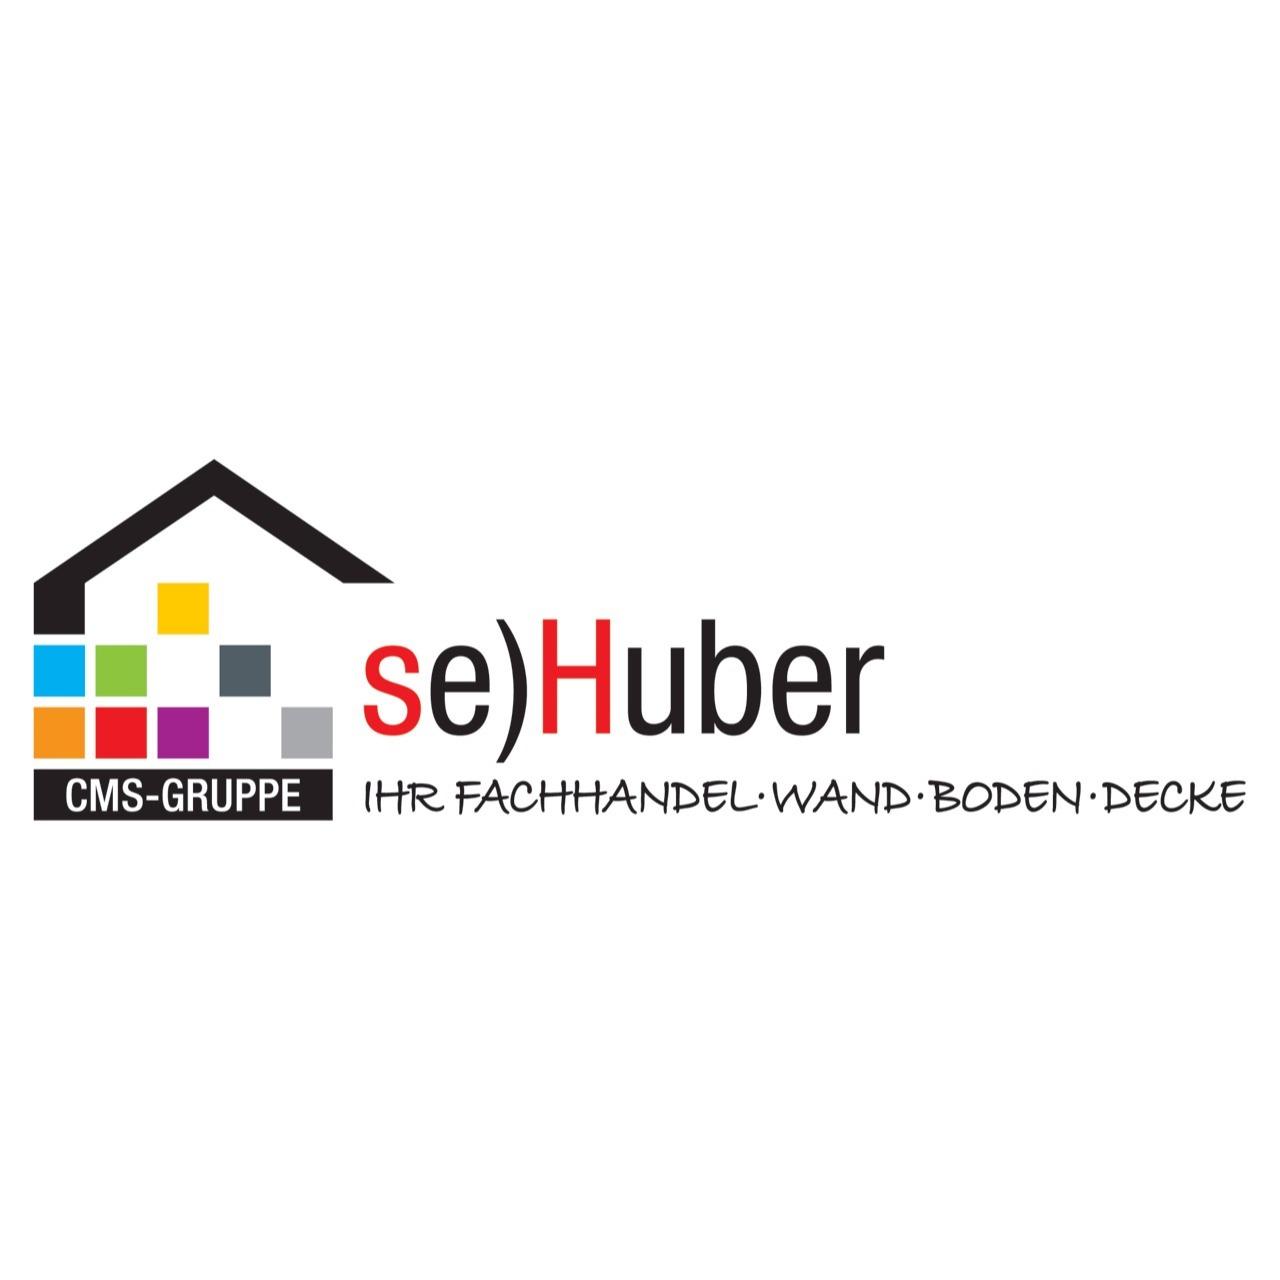 se)Huber GmbH & Co KG